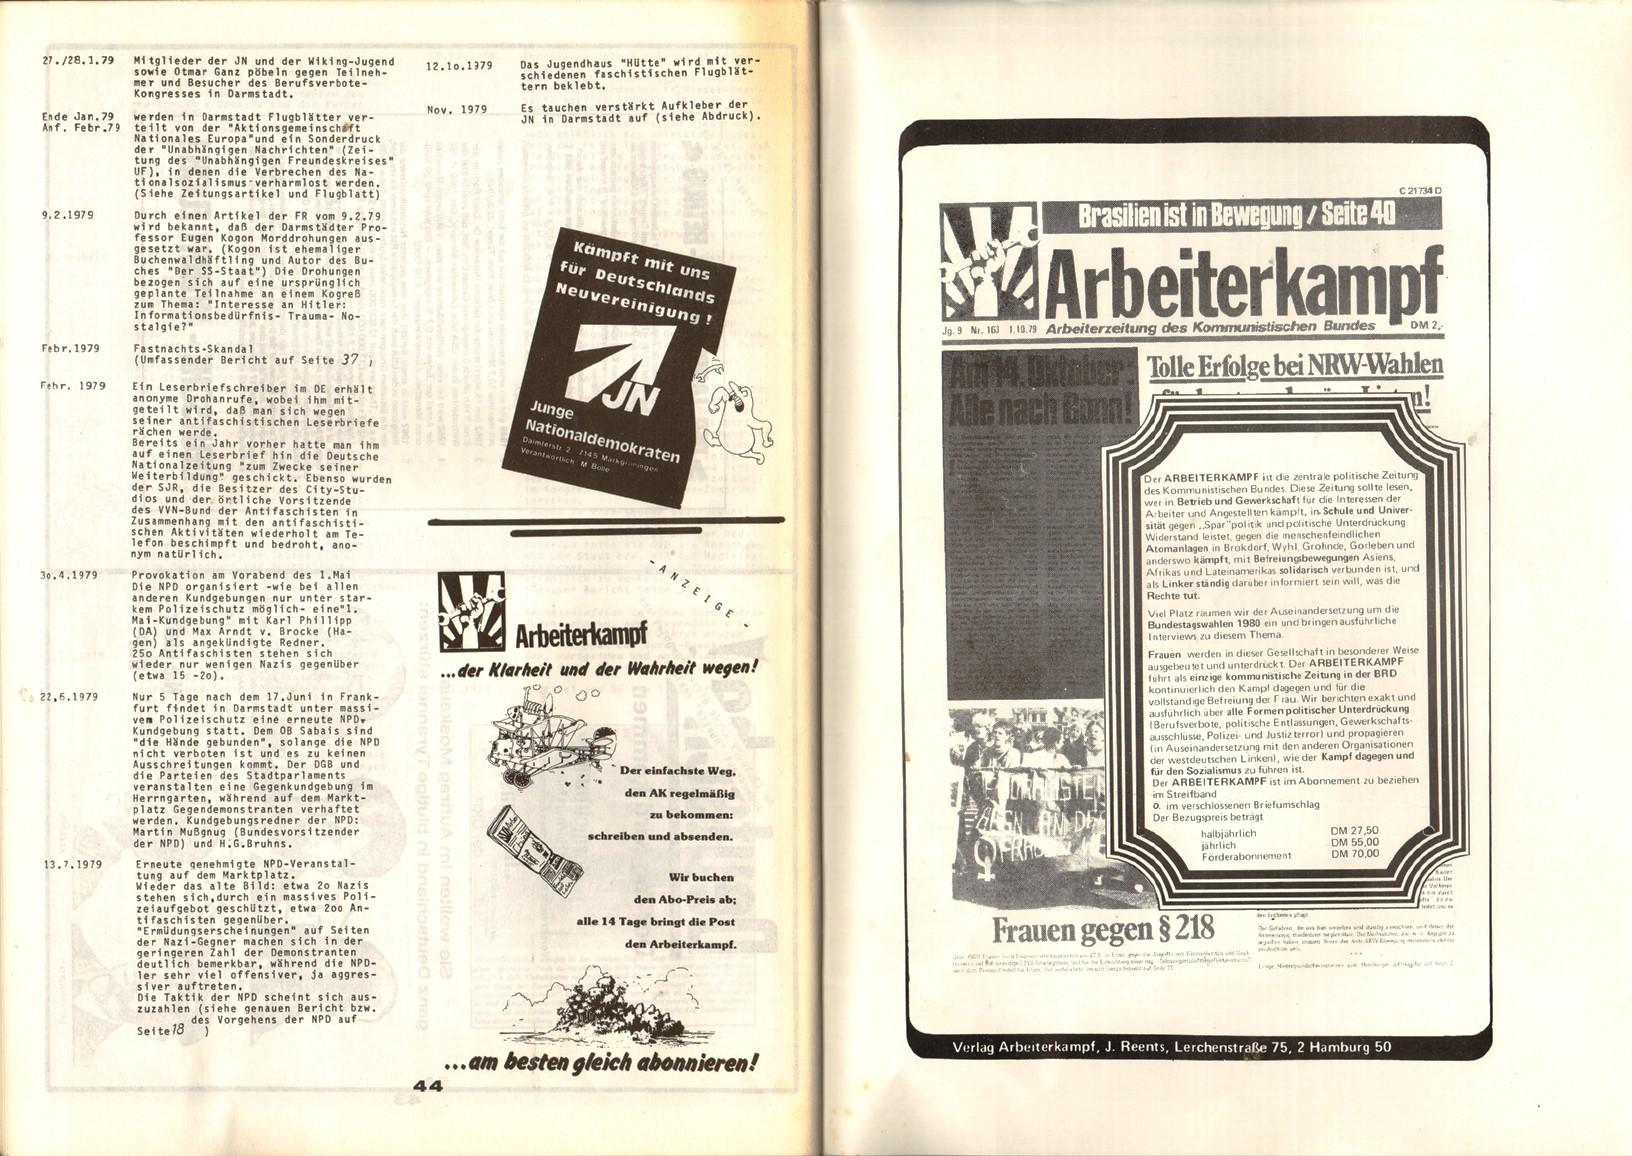 Darmstadt_KB_1979_Faschisten_und_ihr_Umfeld_24